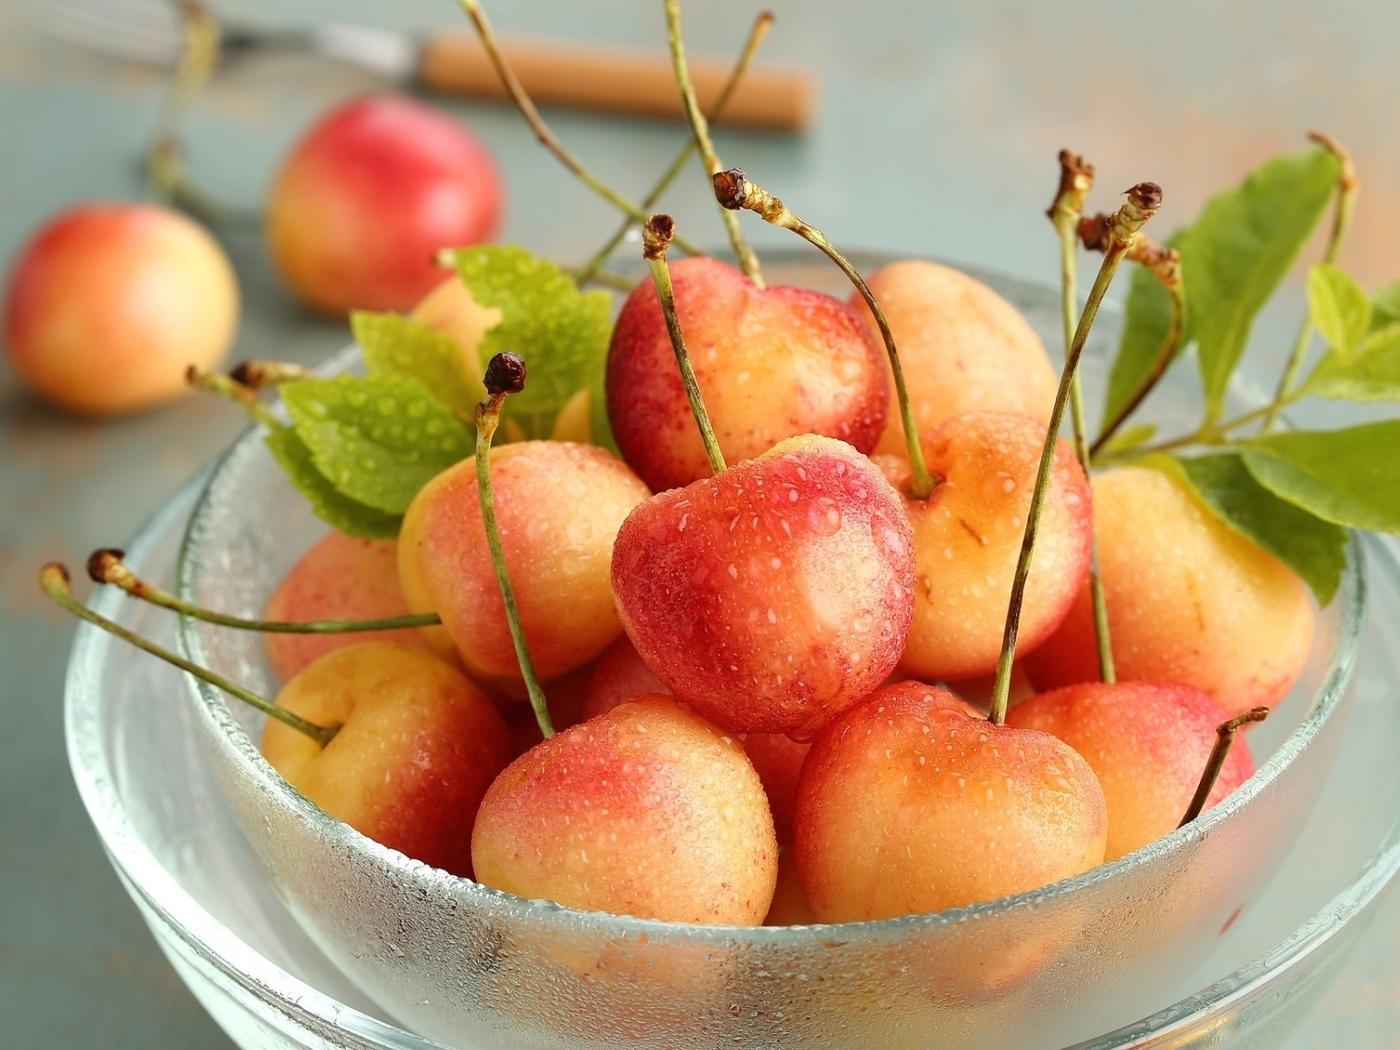 черешня, фрукты, вкусно, чашка, смак, аппетитно, аромат